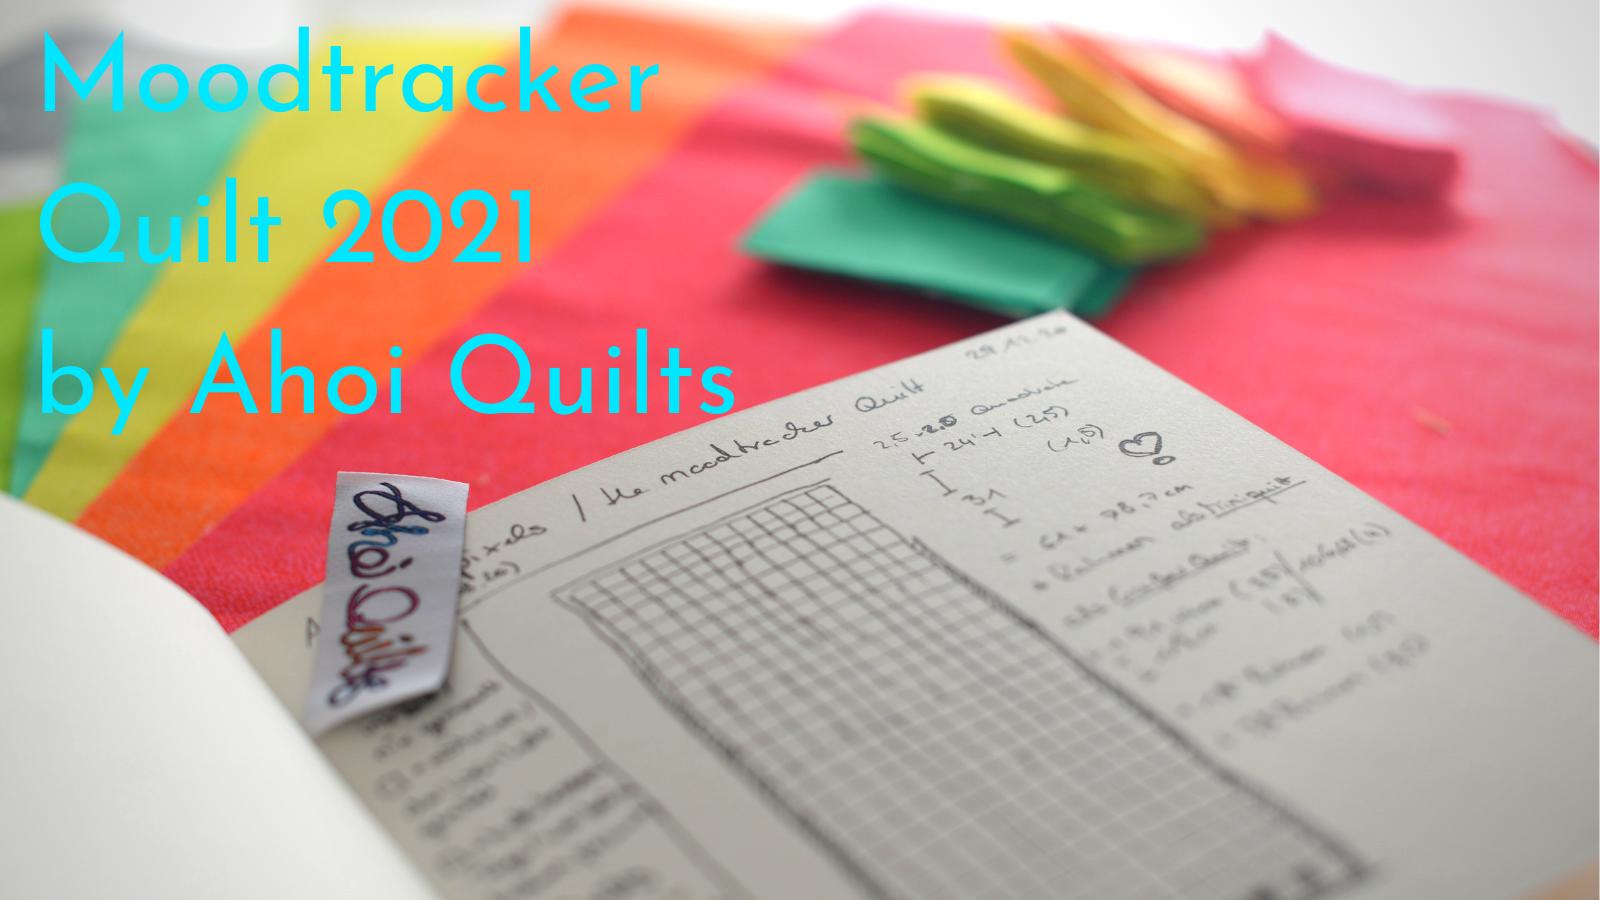 MoodtrackerQuilt2021